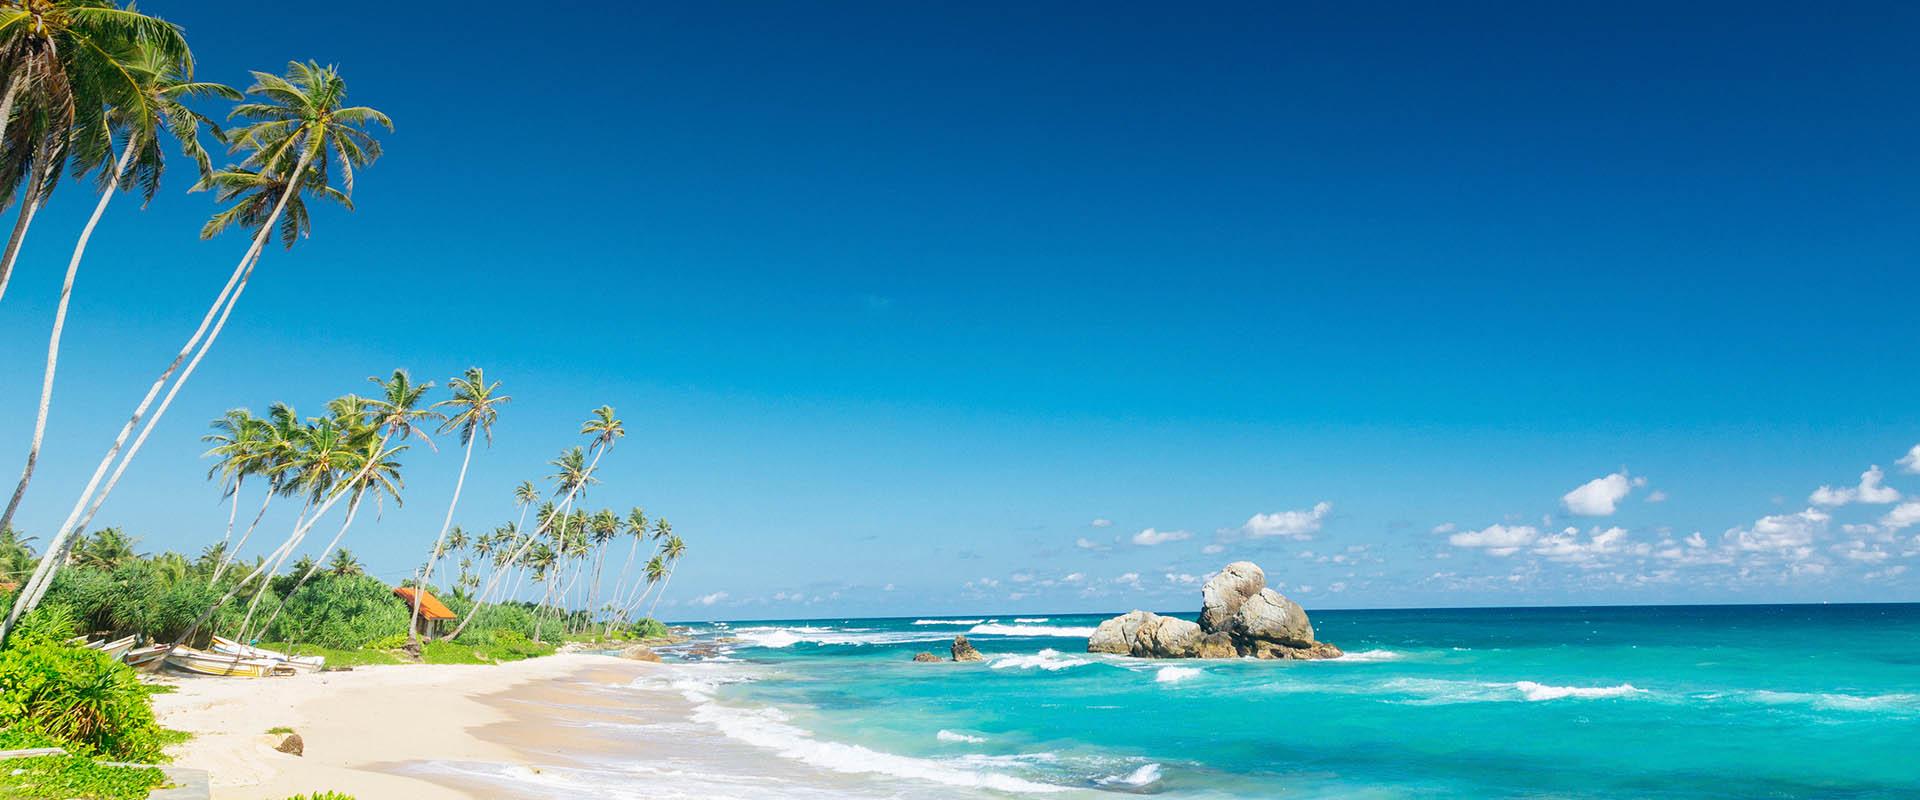 sri lanka public holidays 2018 publicholidayslk